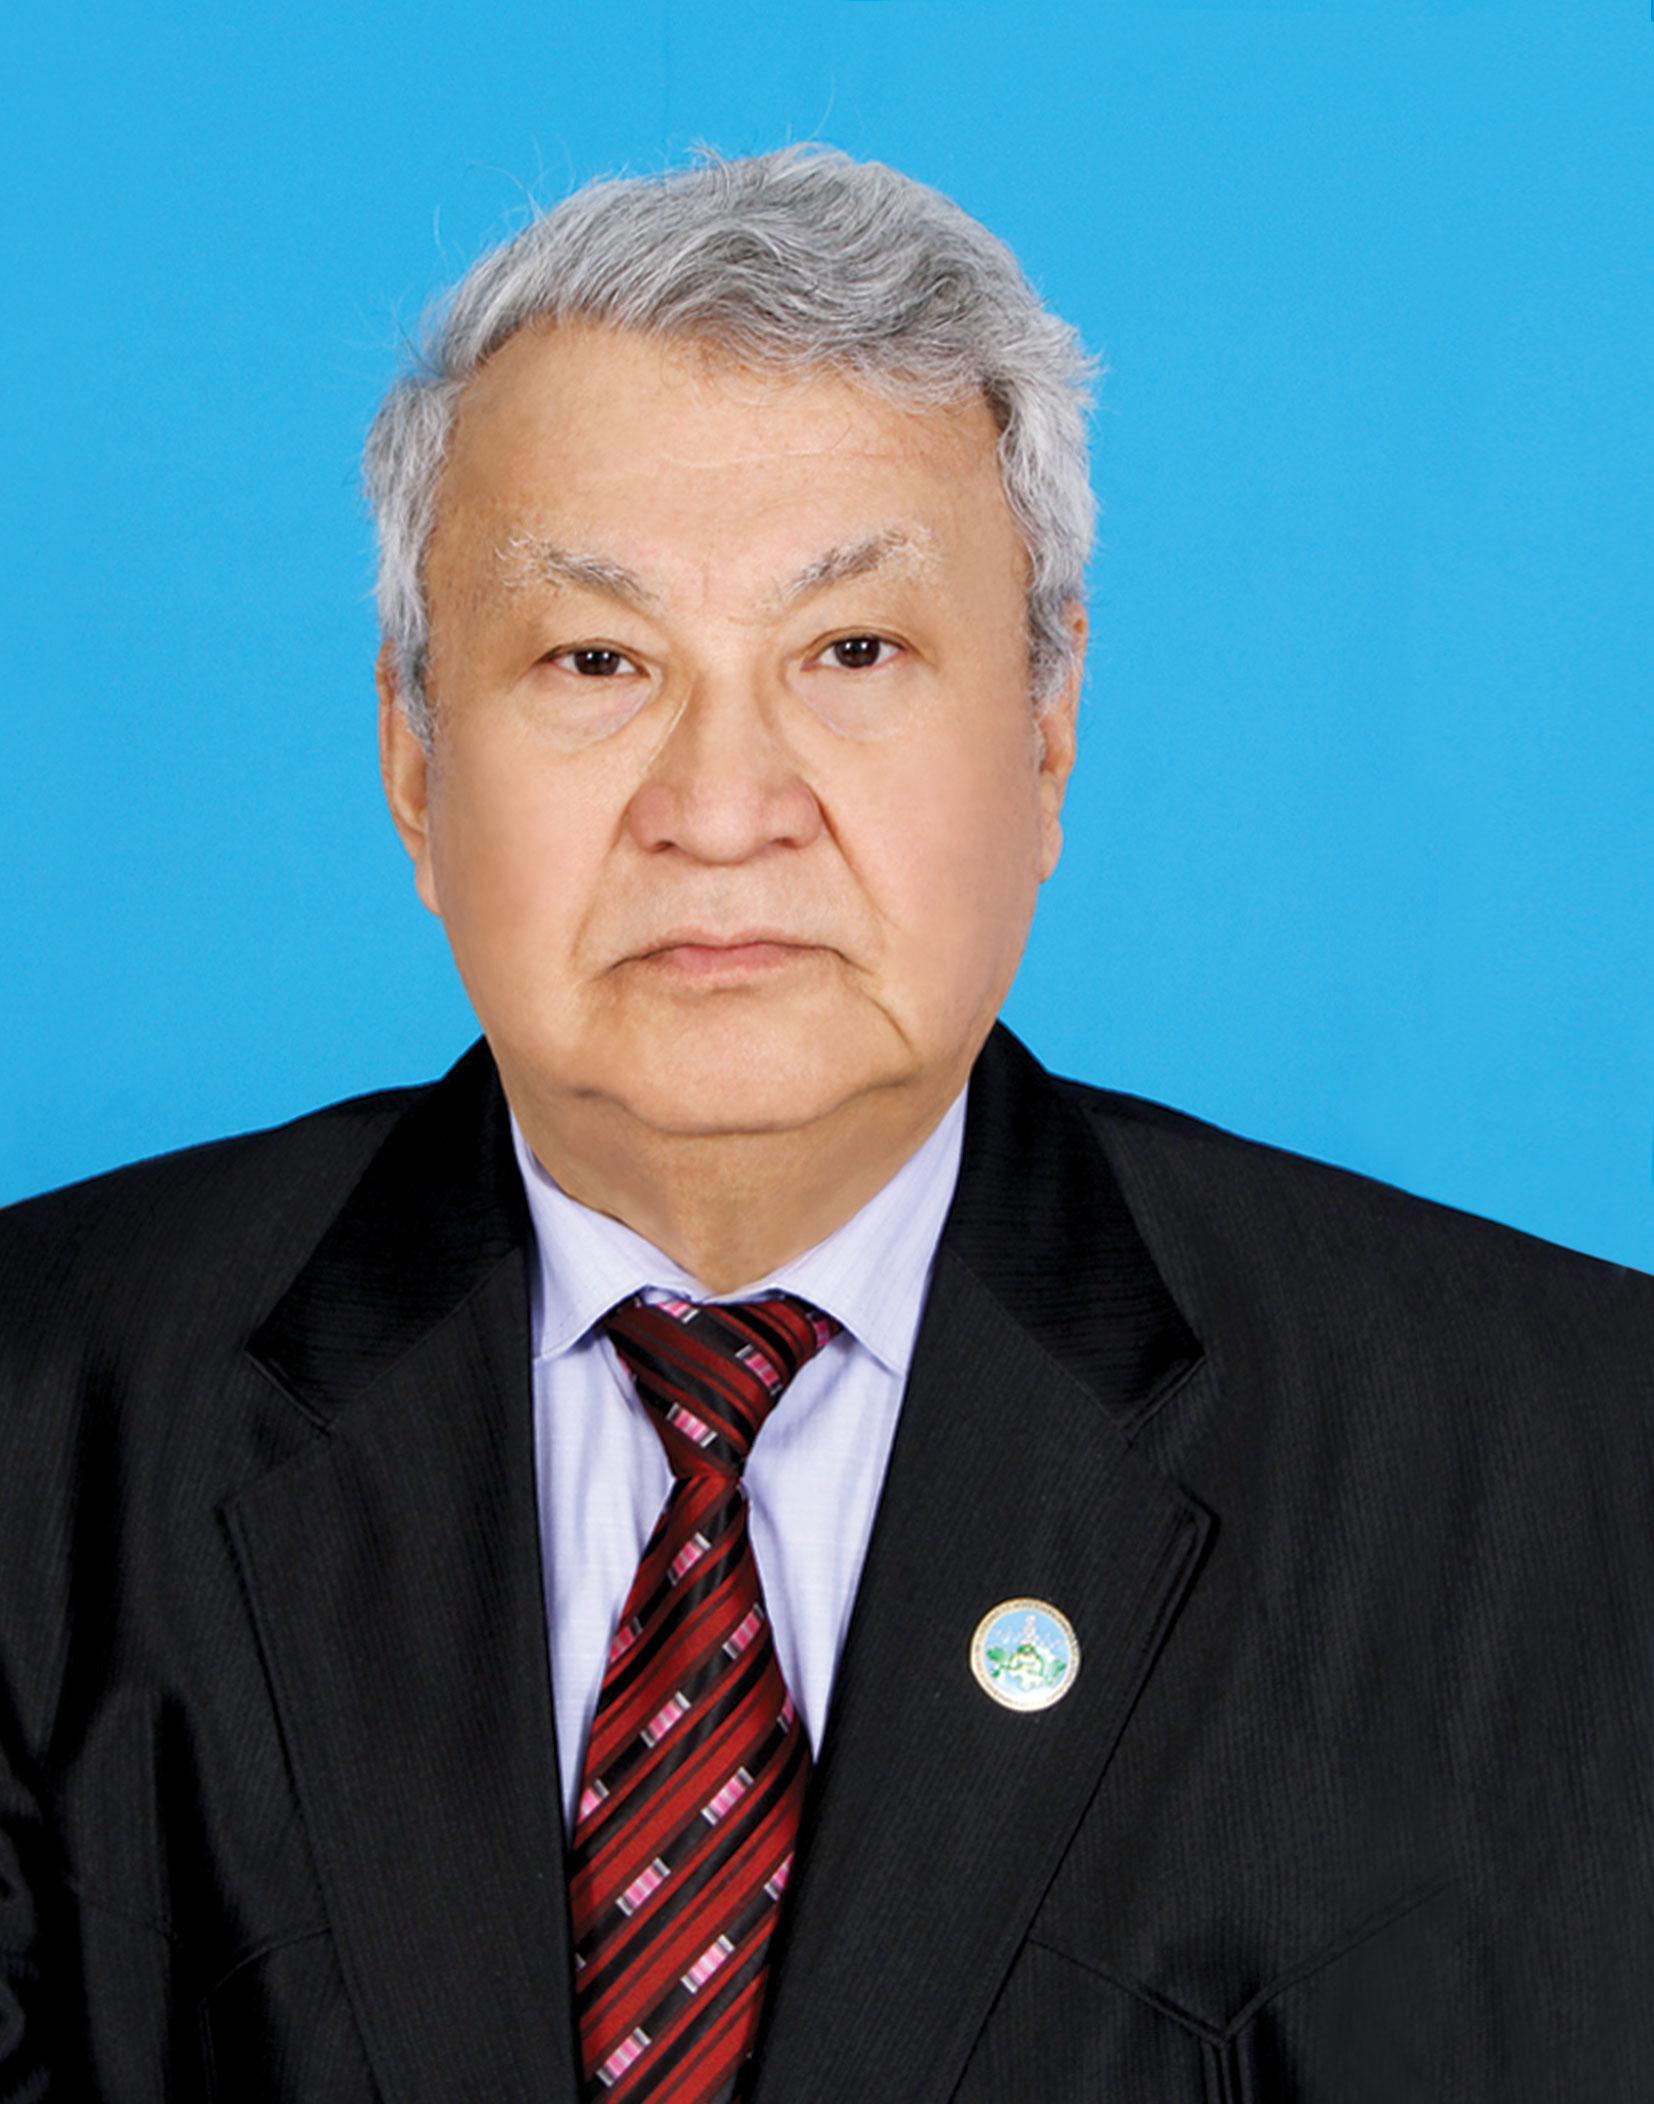 Член попечительского совета, Региональный координатор по Мангистауской области Утесинов Аманжан Нургалиевич